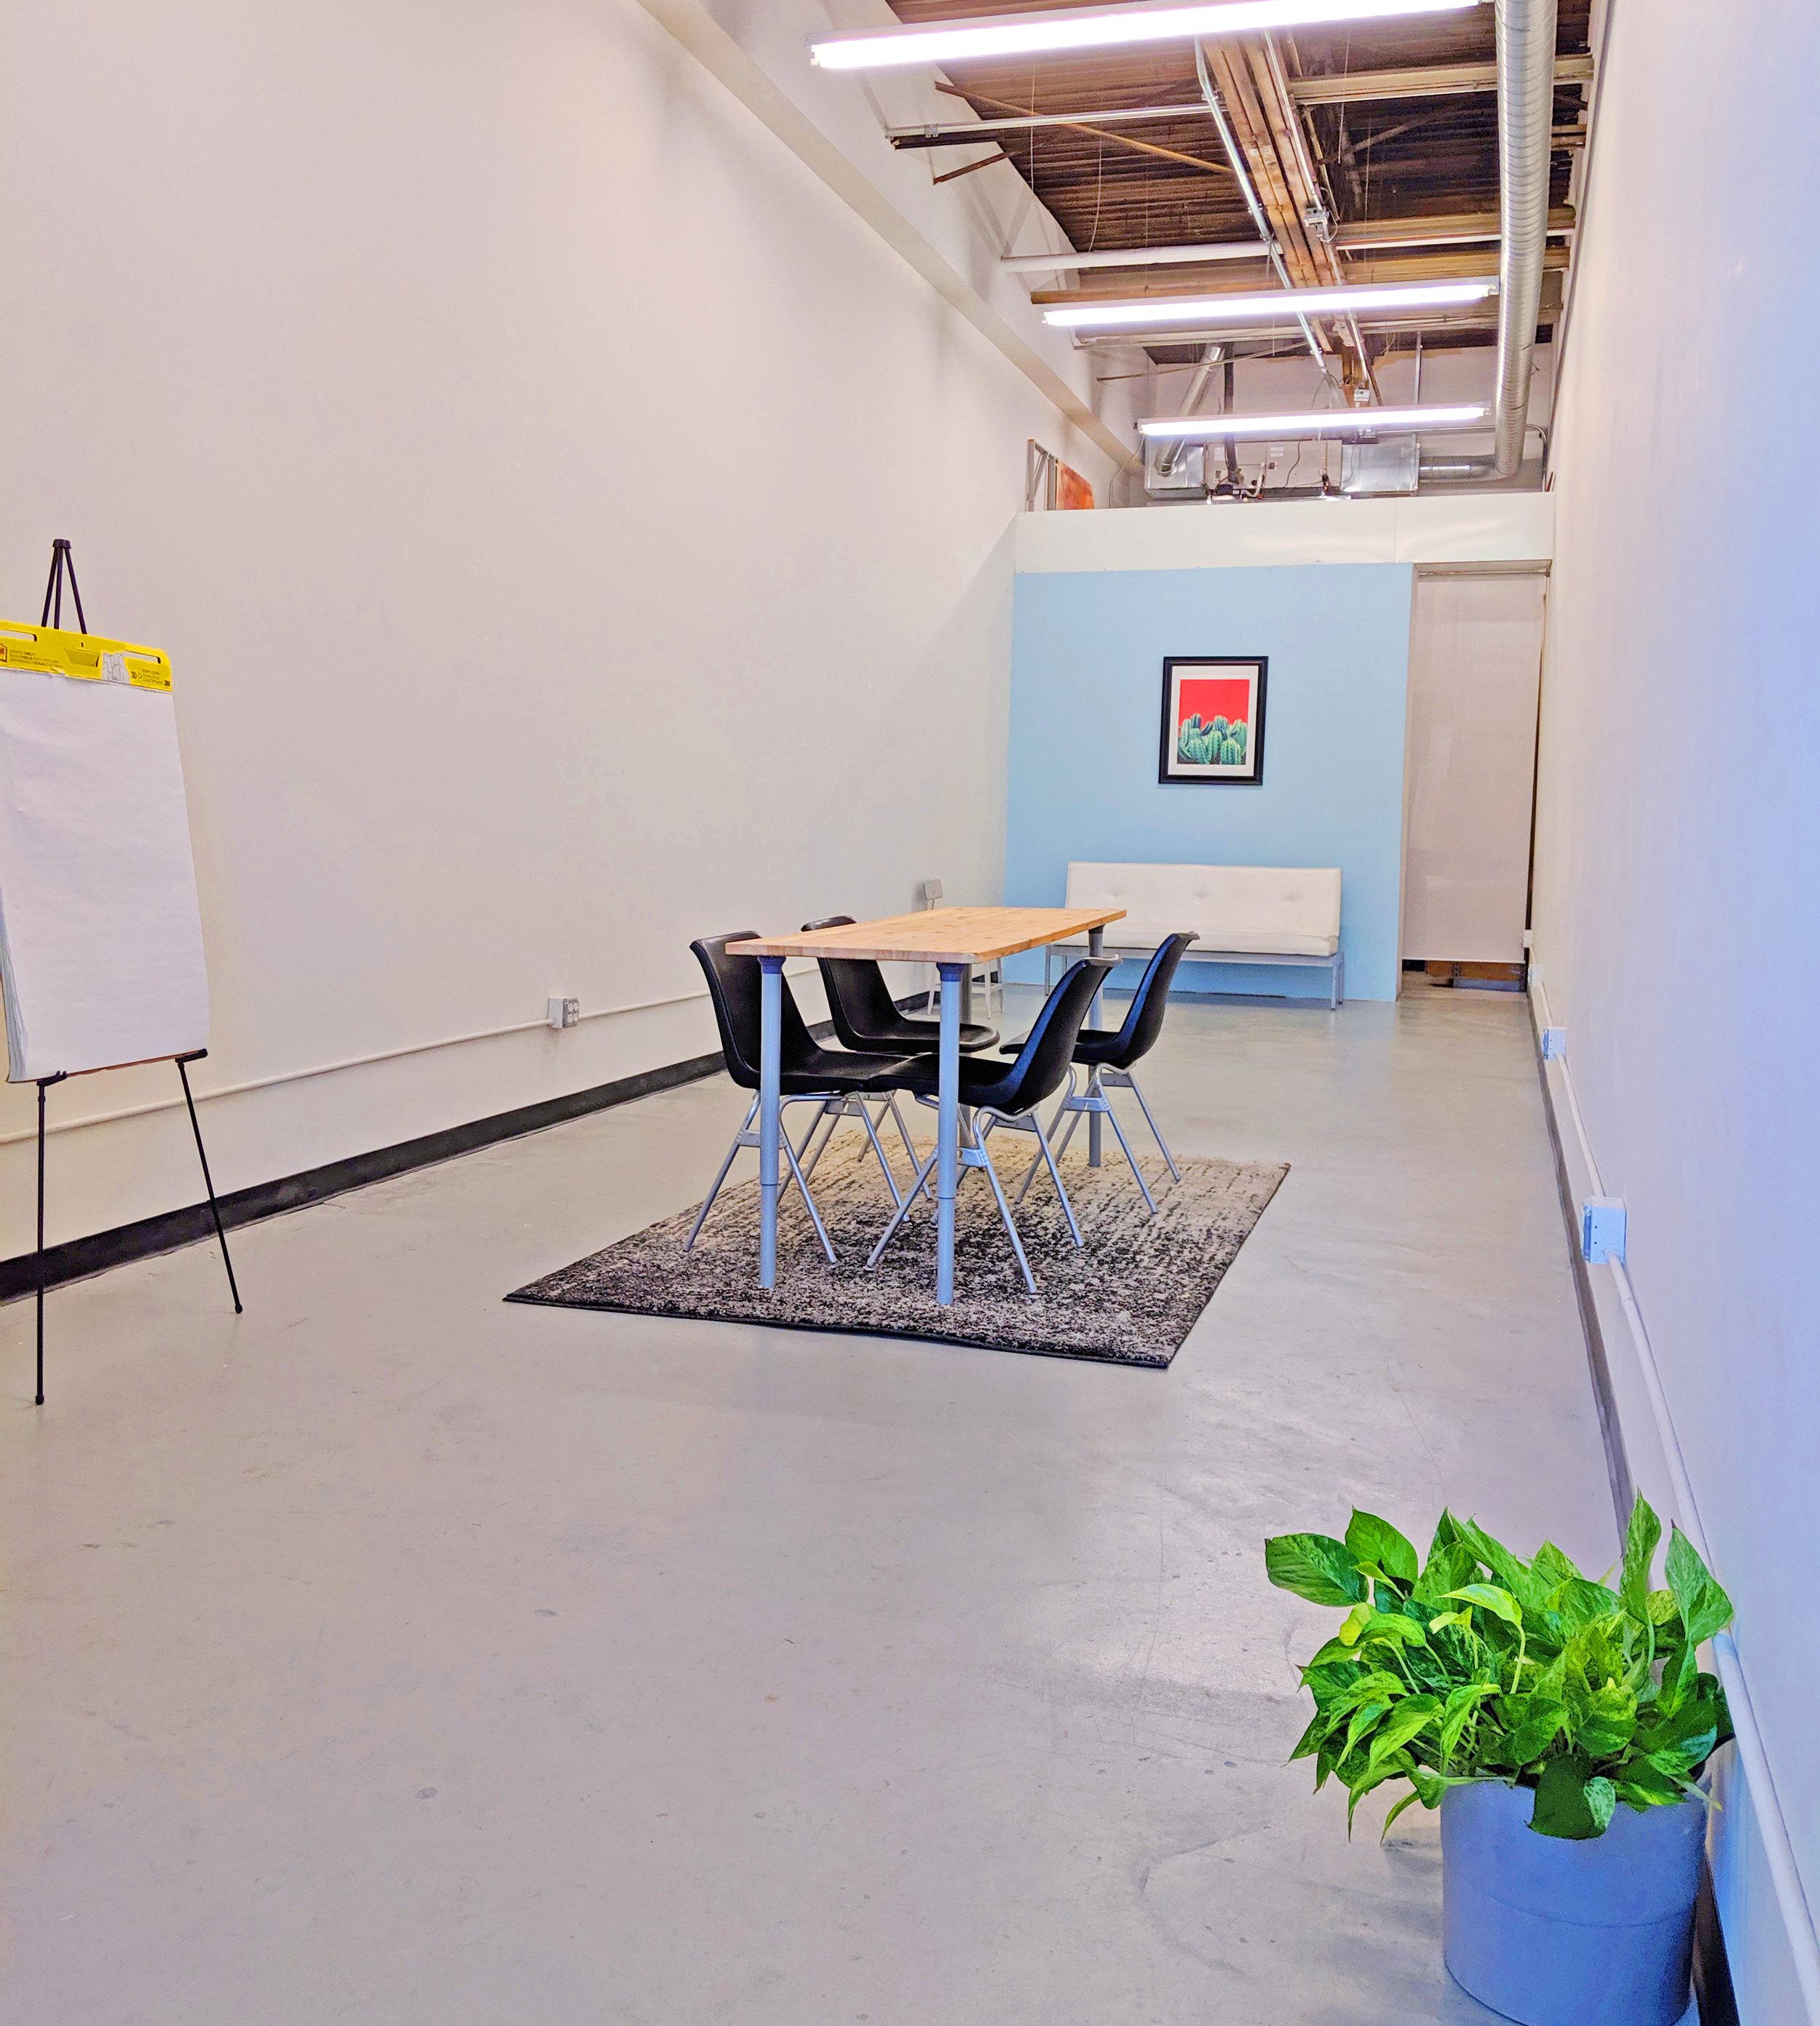 studioa6_image1.jpg